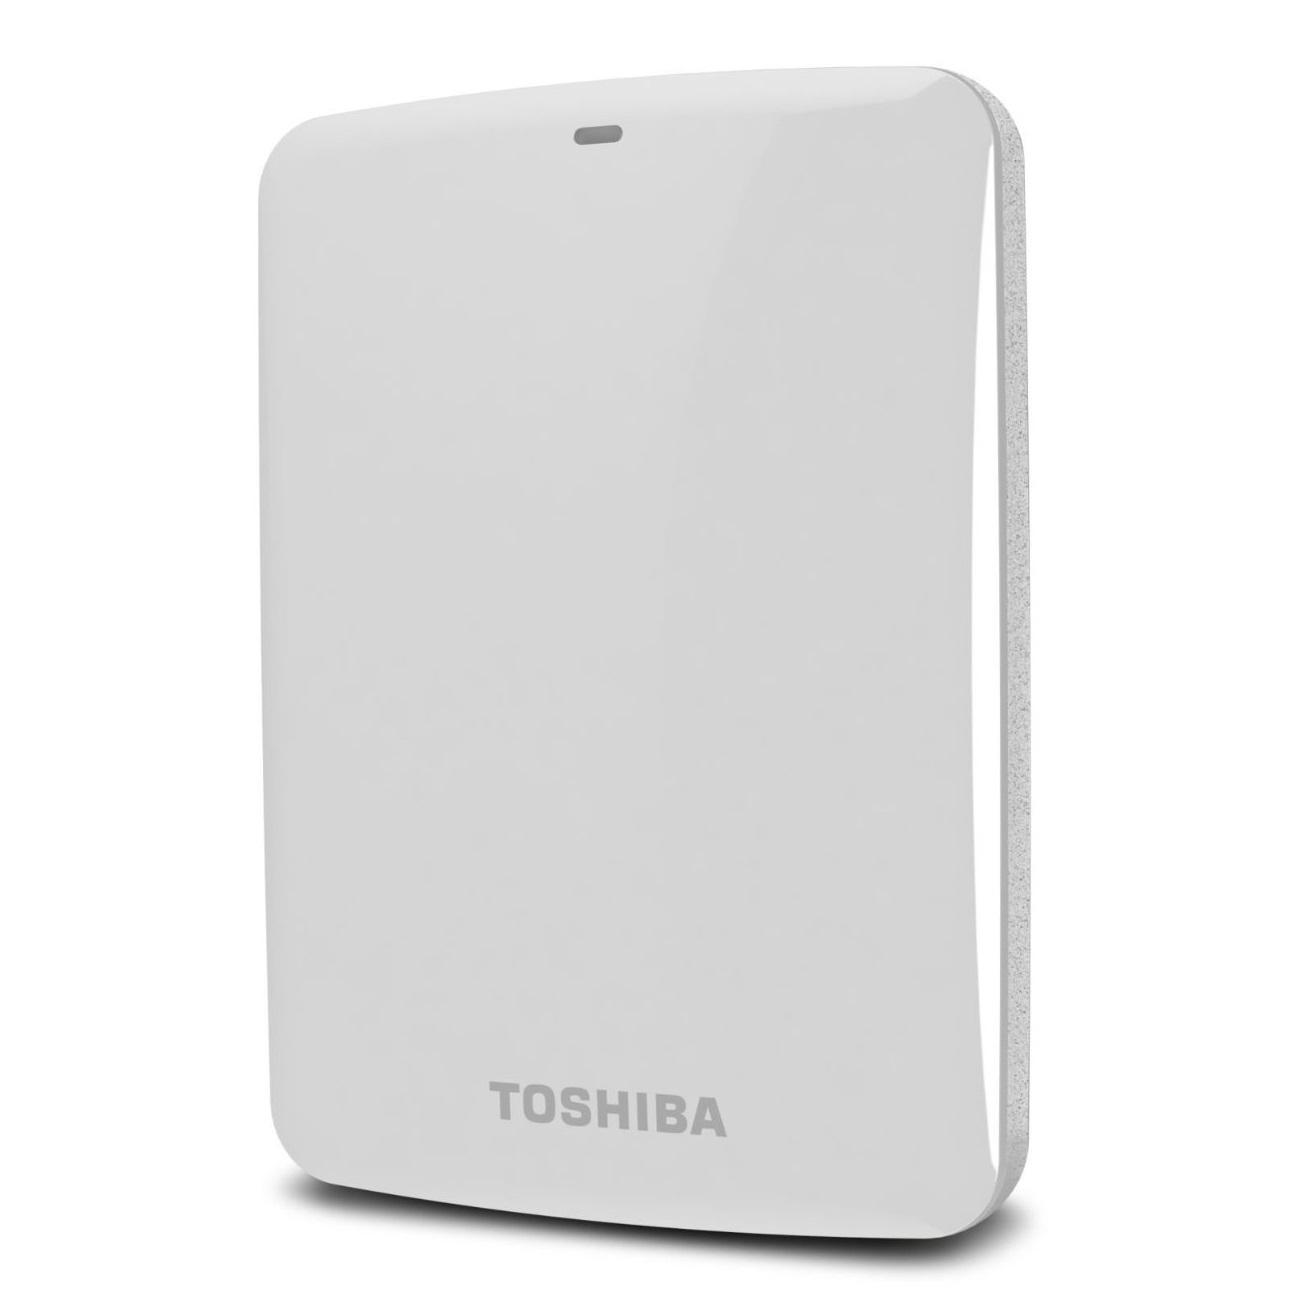 Ổ cứng di động Toshiba Canvio connect 1Tb USB3.0 Trắng